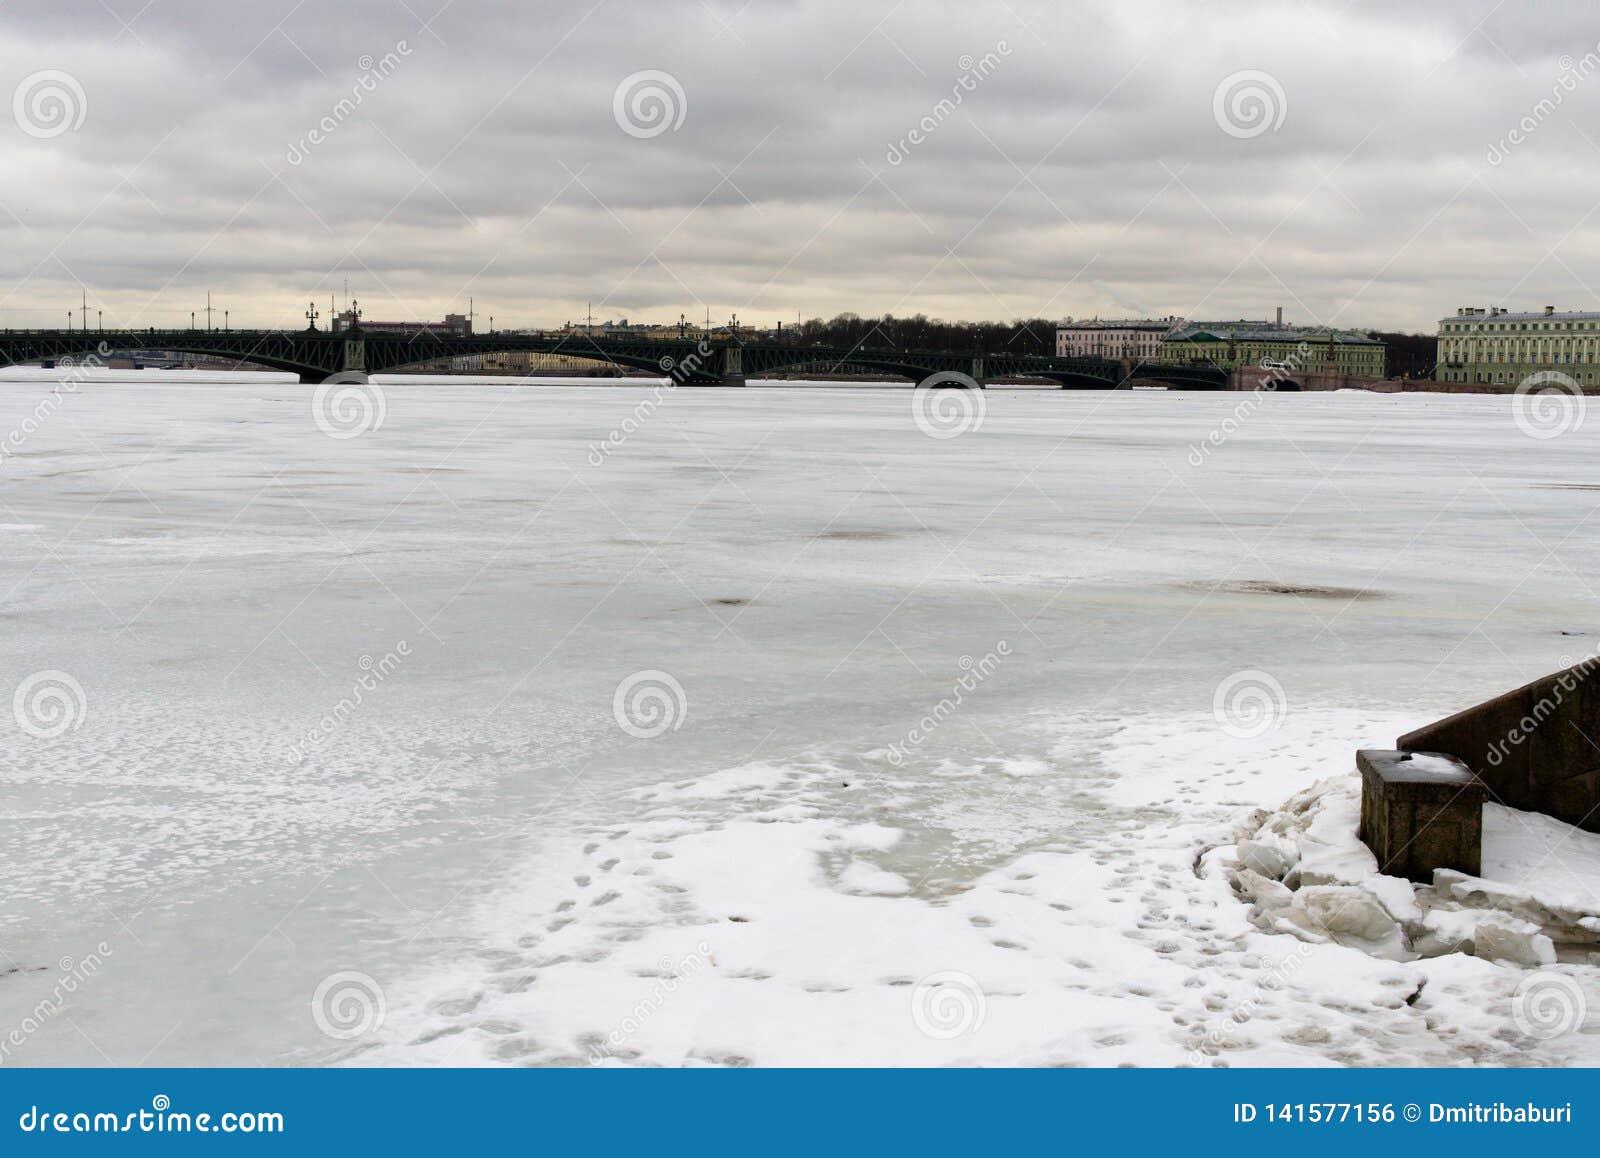 Αγία Πετρούπολη, Ρωσία, στις 10 Μαρτίου 2019 Άποψη του ποταμού Neva, της γέφυρας και του κεντρικού μέρους της πόλης